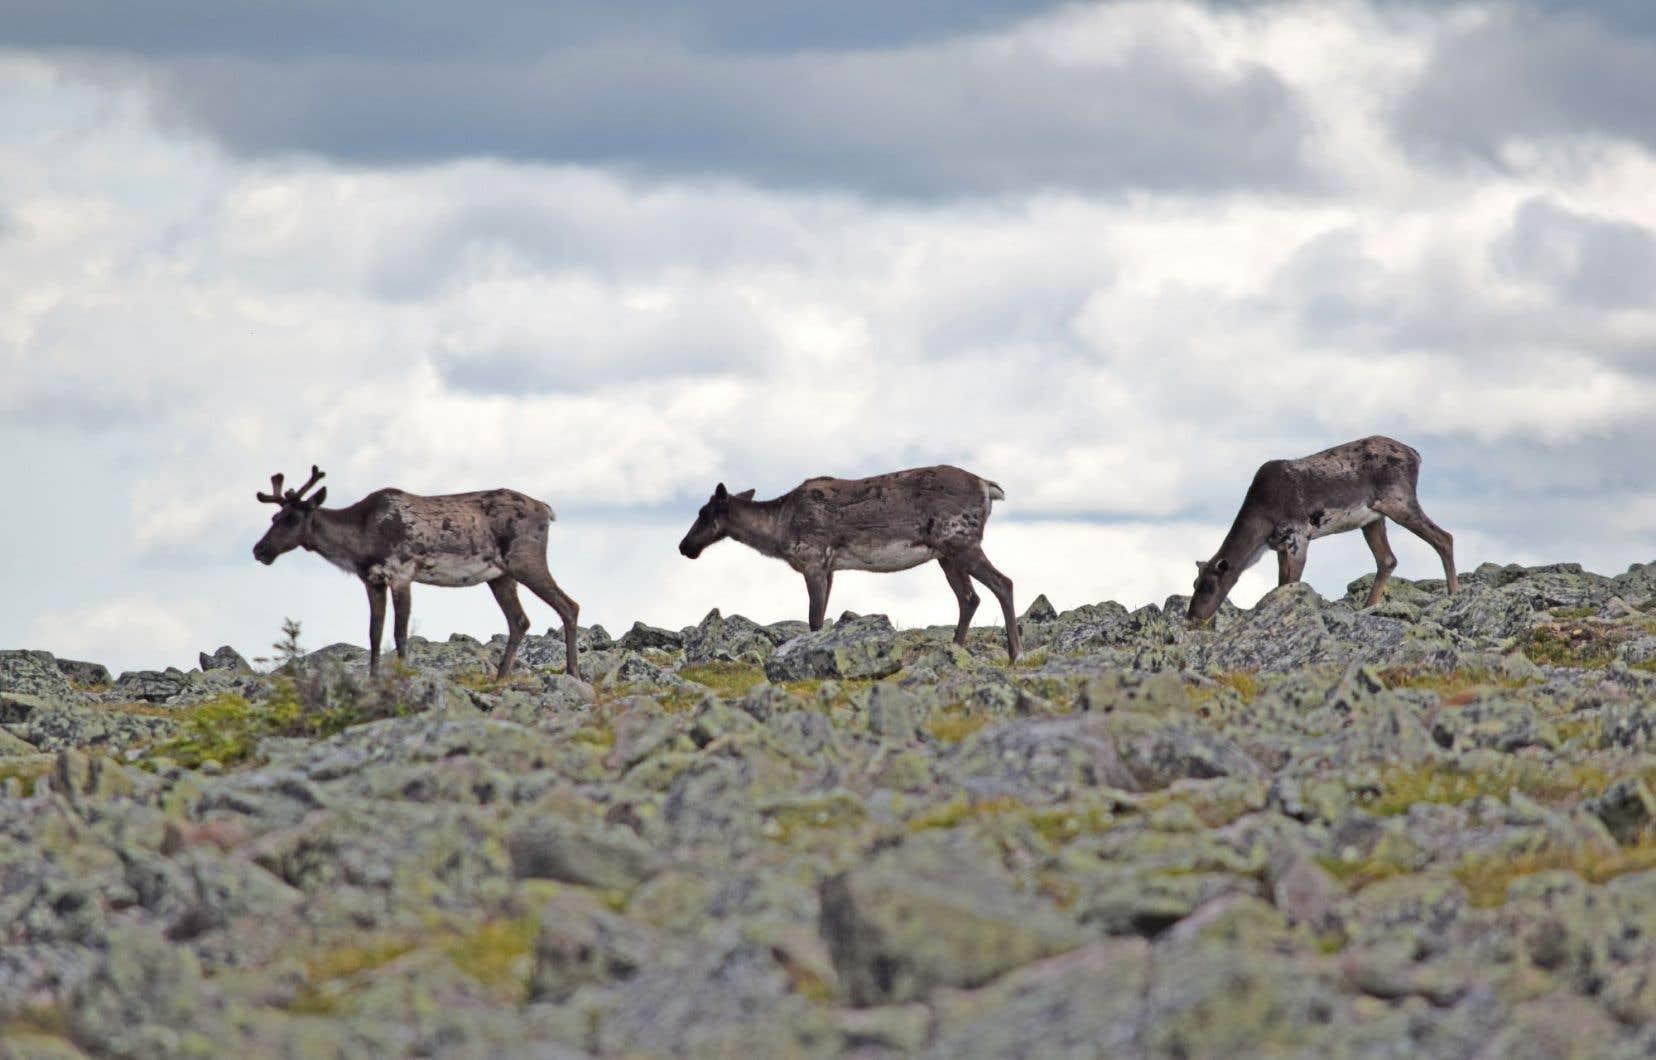 Les causes du déclin du caribou sauvage vont du recul de la forêt boréale aux perturbations de son habitat sous l'effet du réchauffement climatique.